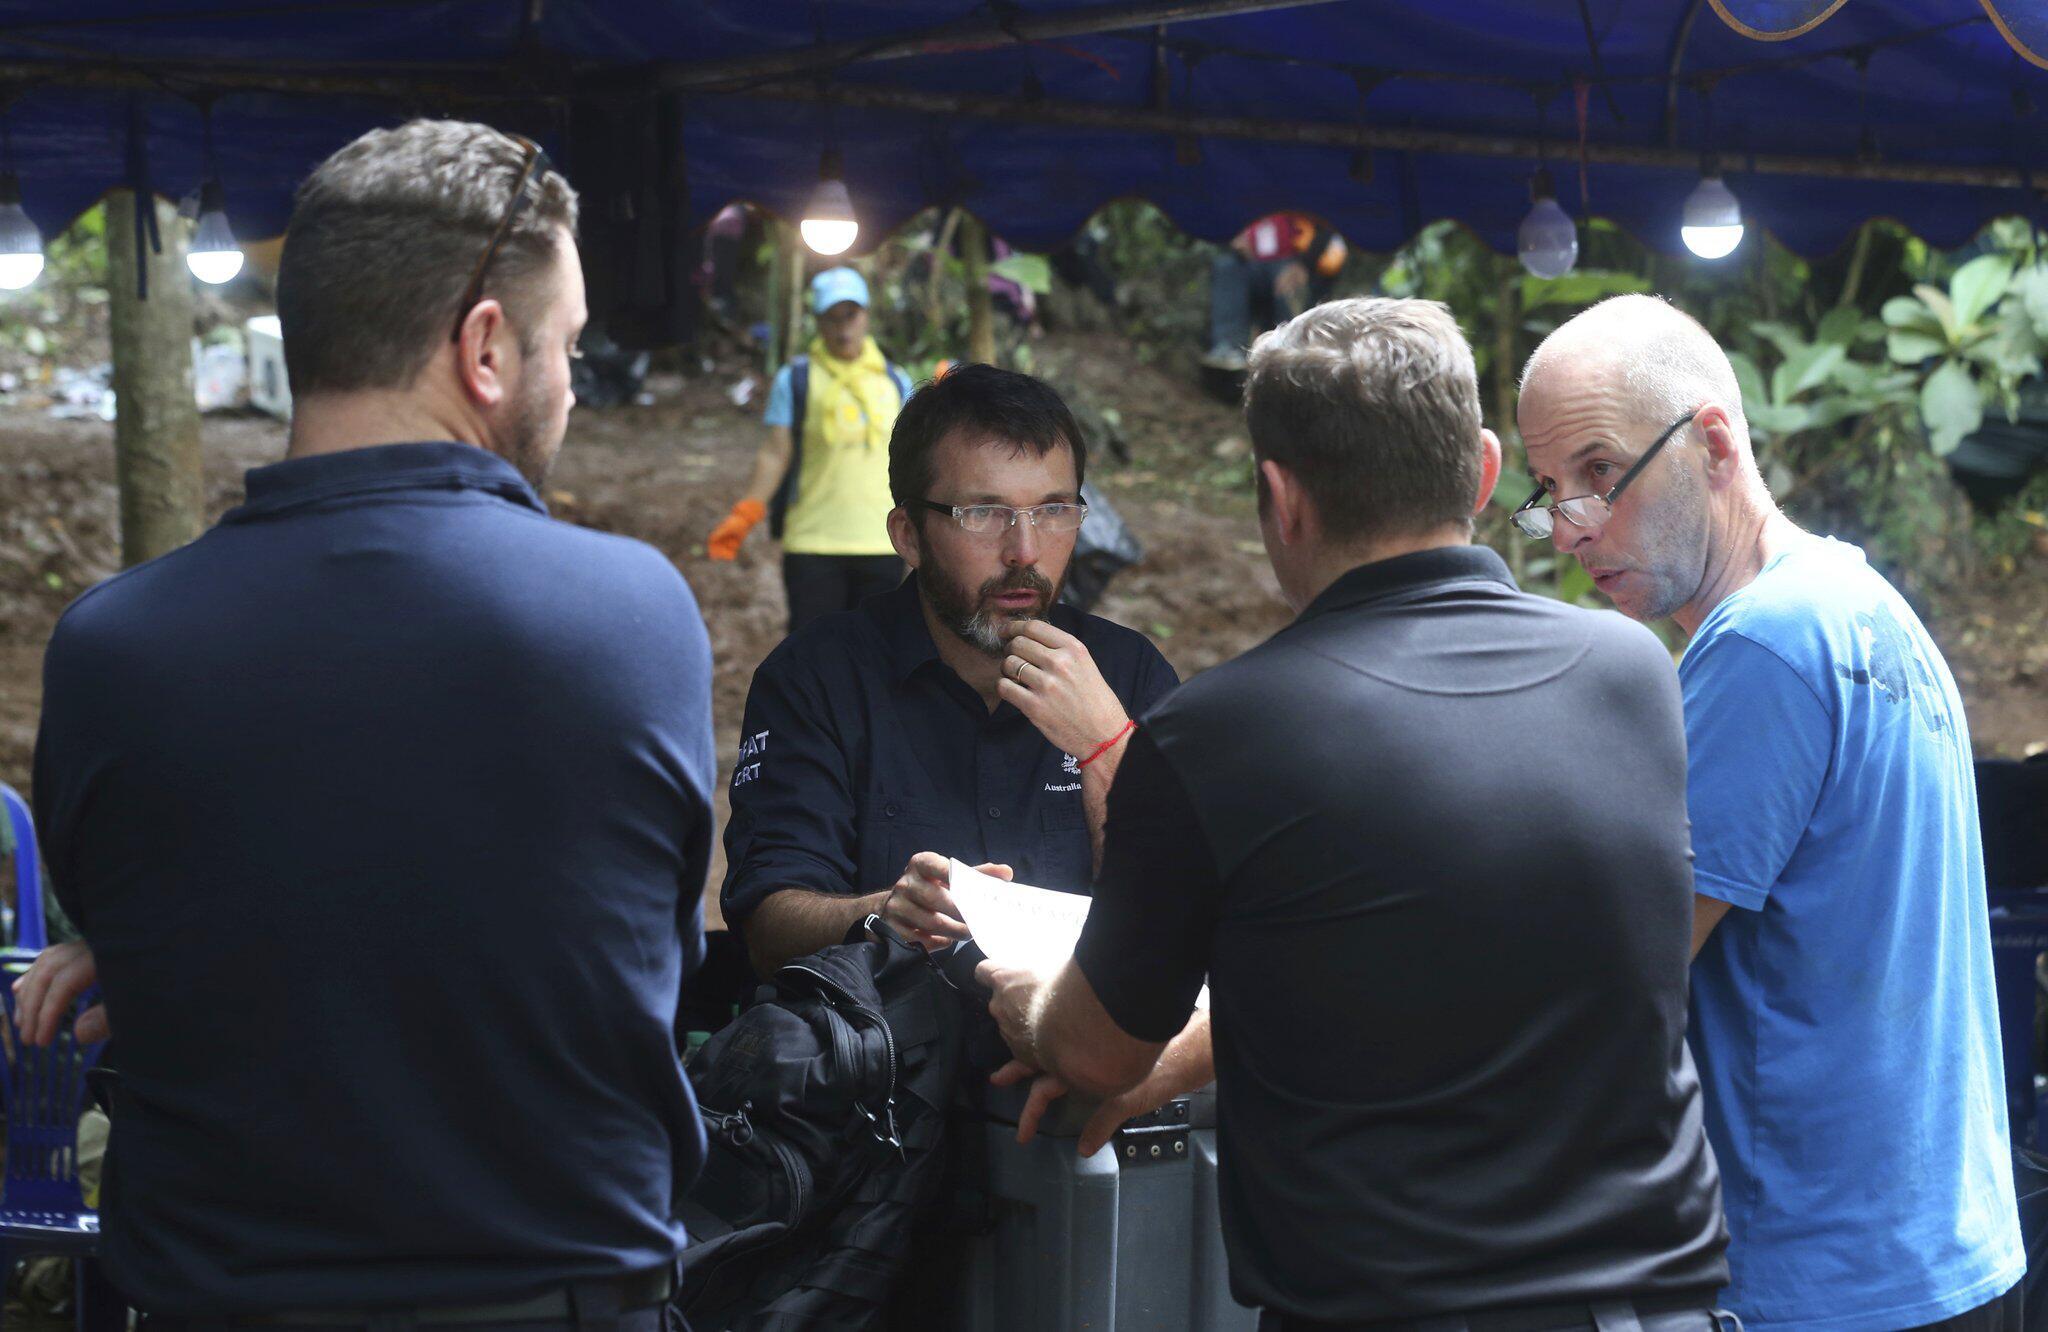 Bild zu Rettung der vermissten Fußballmannschaft in Thailand